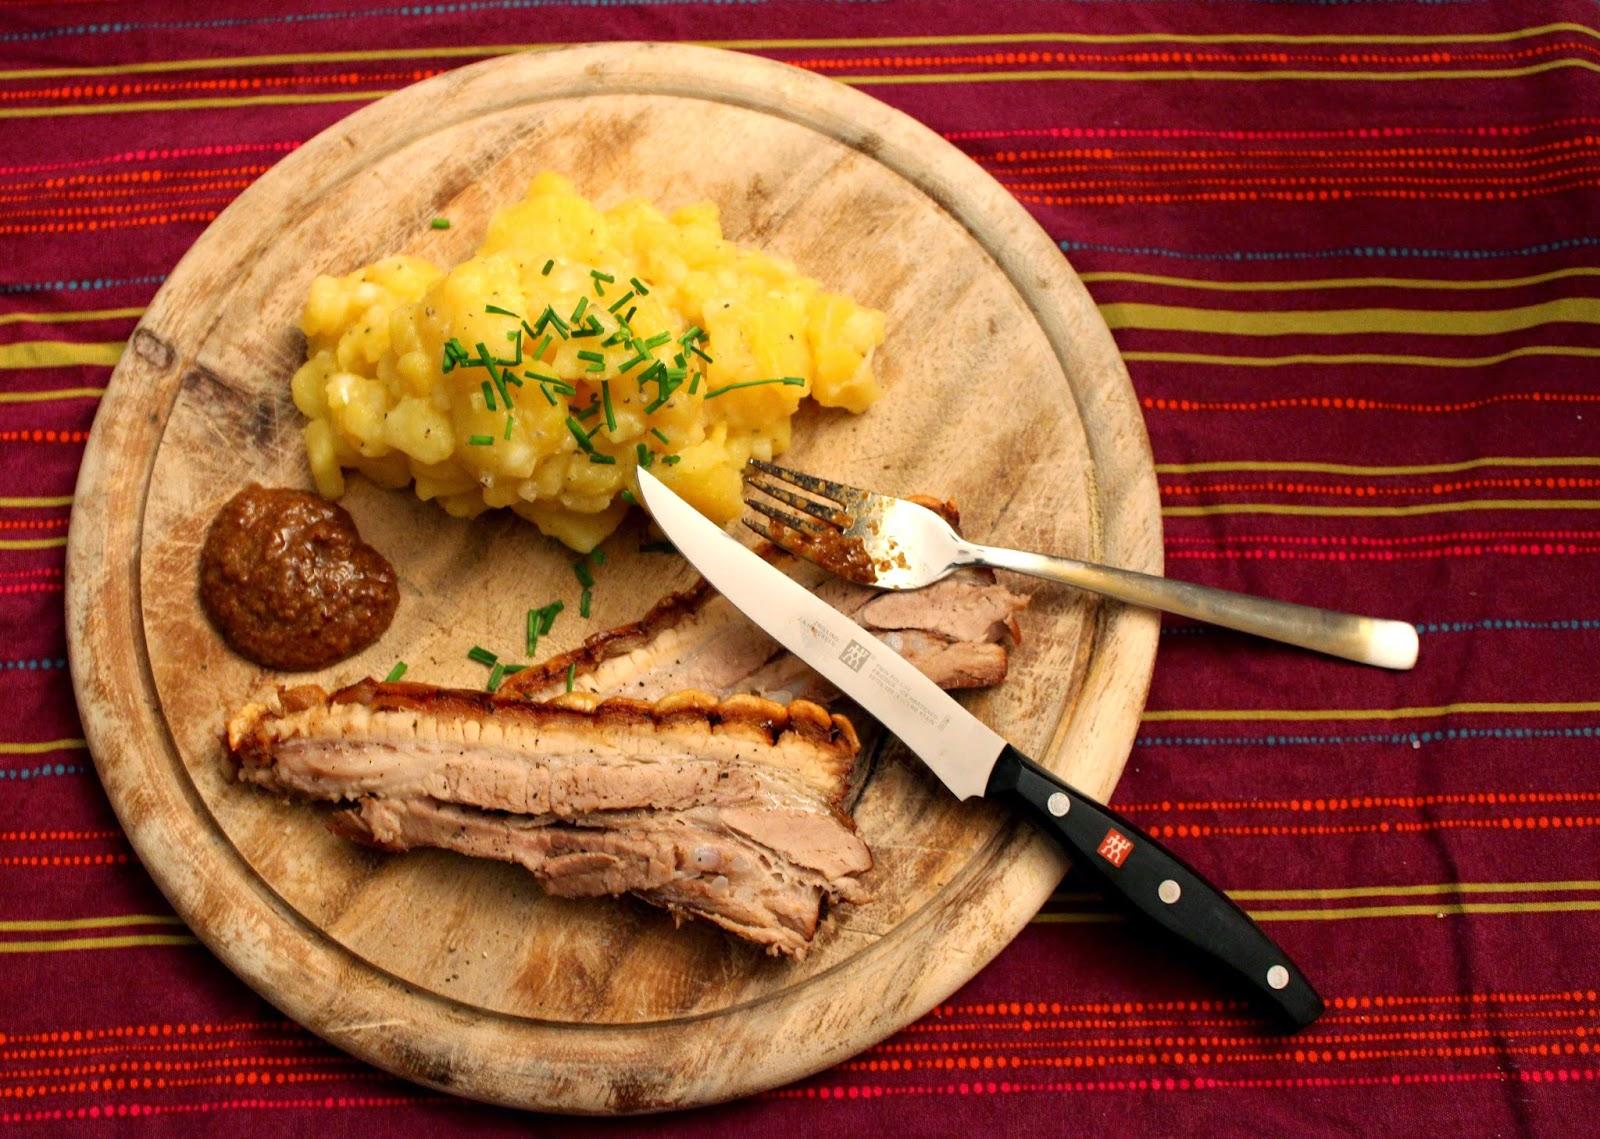 http://amorundkartoffelsack.blogspot.de/2014/05/wammerl-mit-bayrischem-kartoffelsalat.html